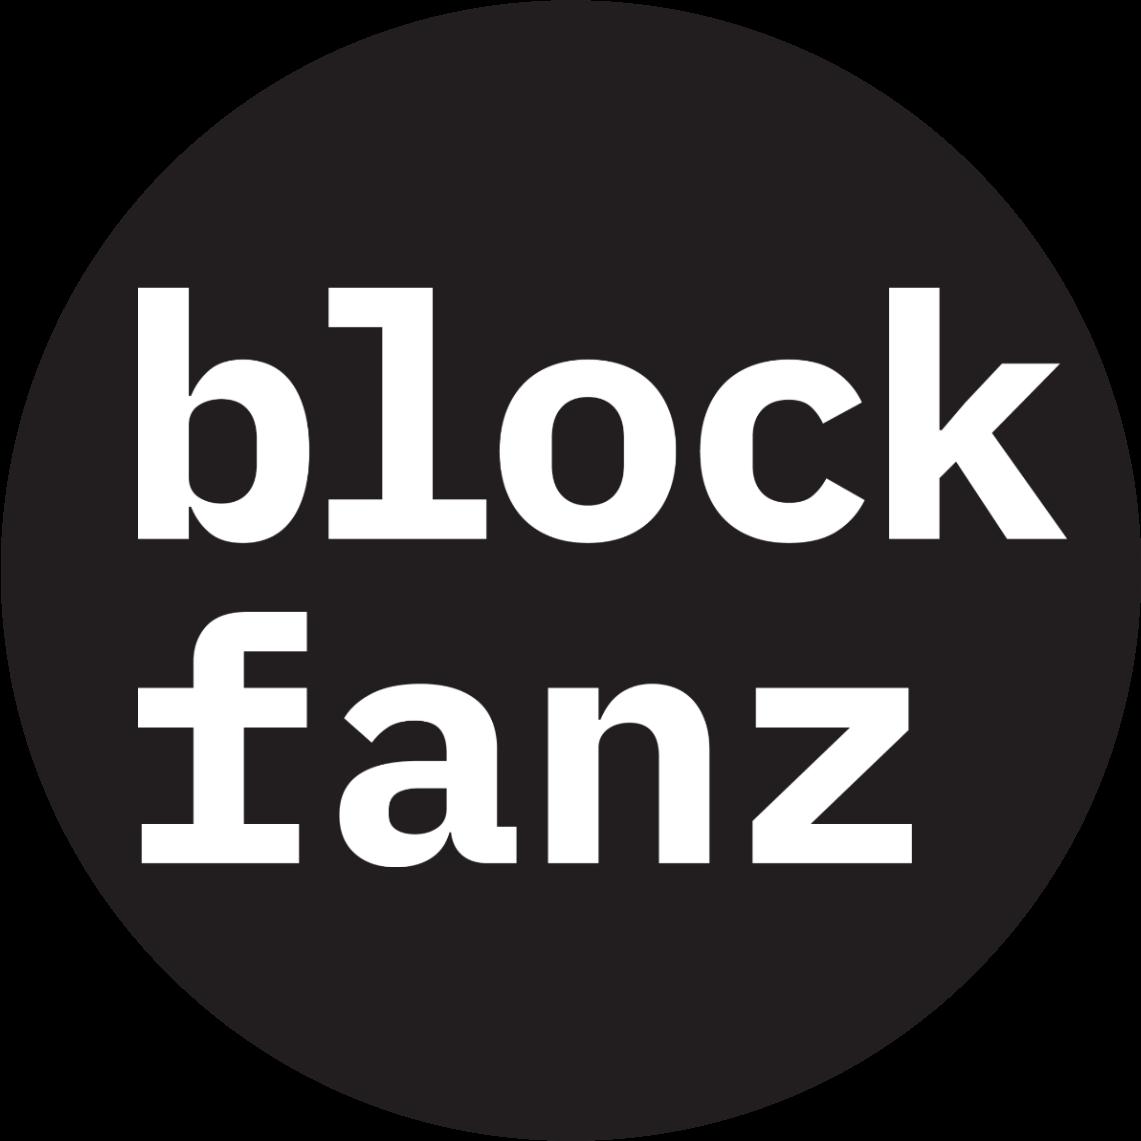 Interview: Yuichi Honda, CEO, Blockfanz